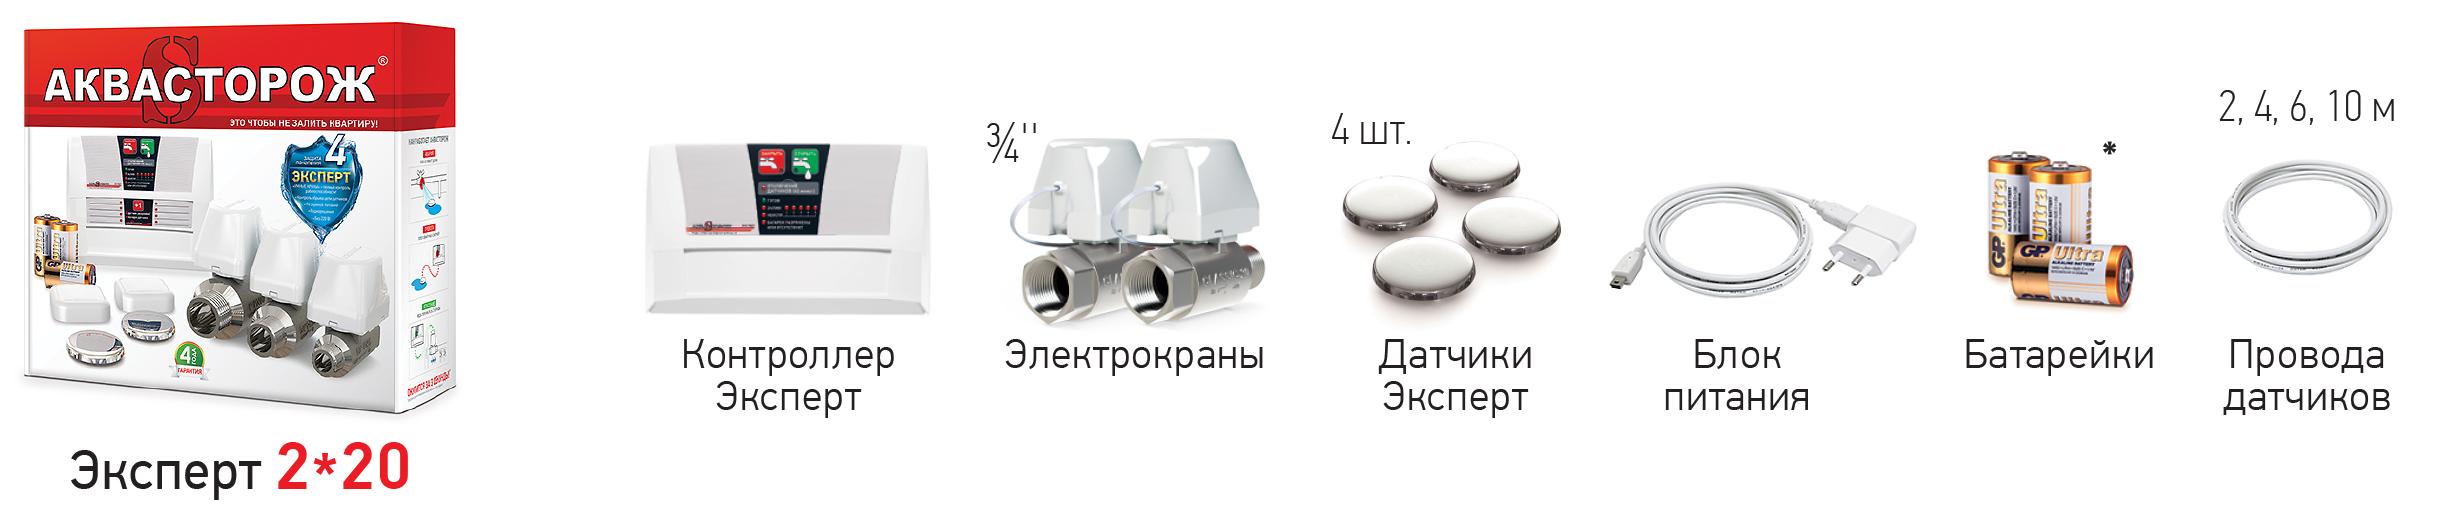 Комплект АКВАСТОРОЖ Эксперт 2-20